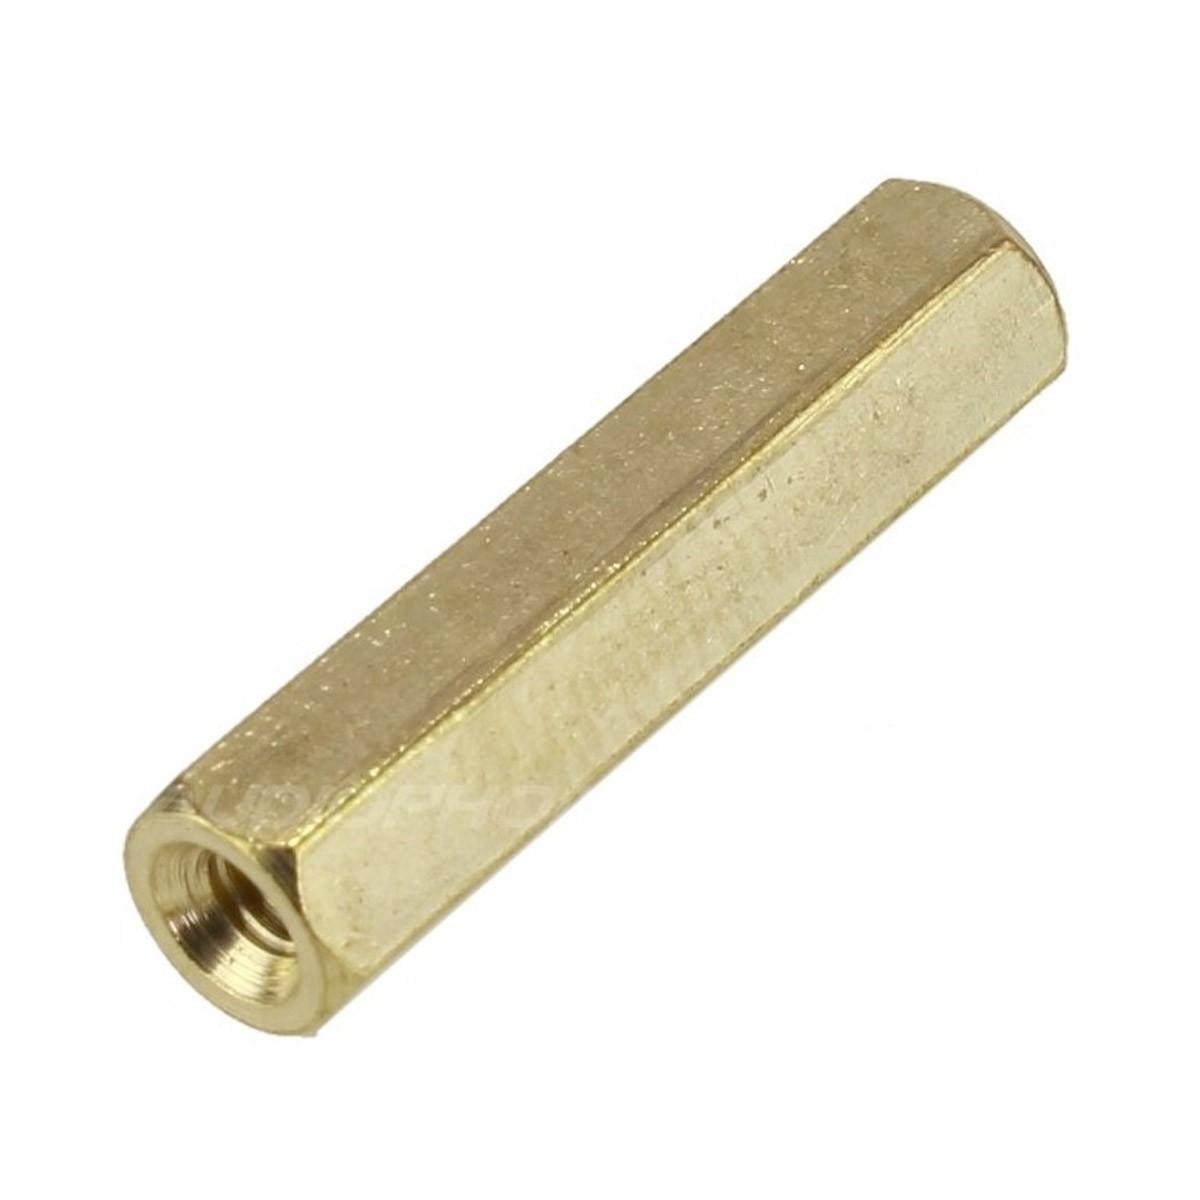 Brass Spacers Female / Female M3x8mm (x10)